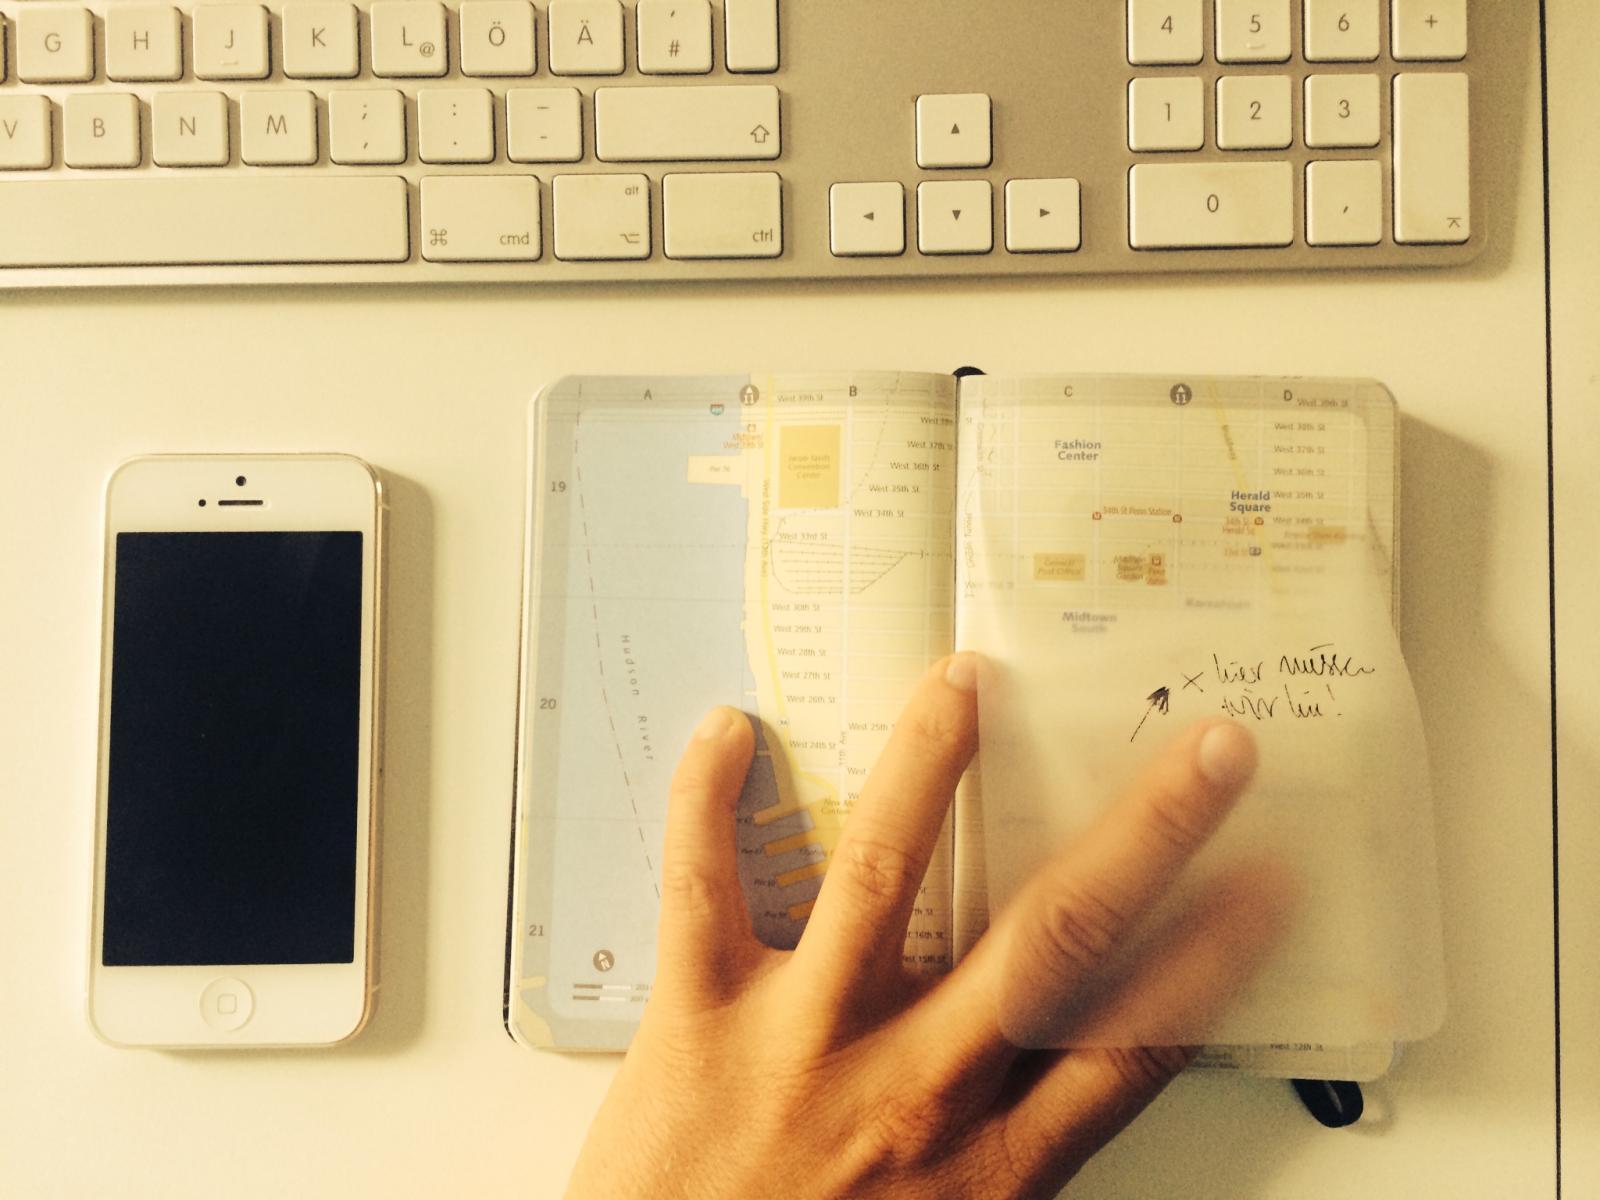 Geniale Folien zum Beschriften: sie haften wie Post-it-Notes und lassen sich schnell wieder ablösen.